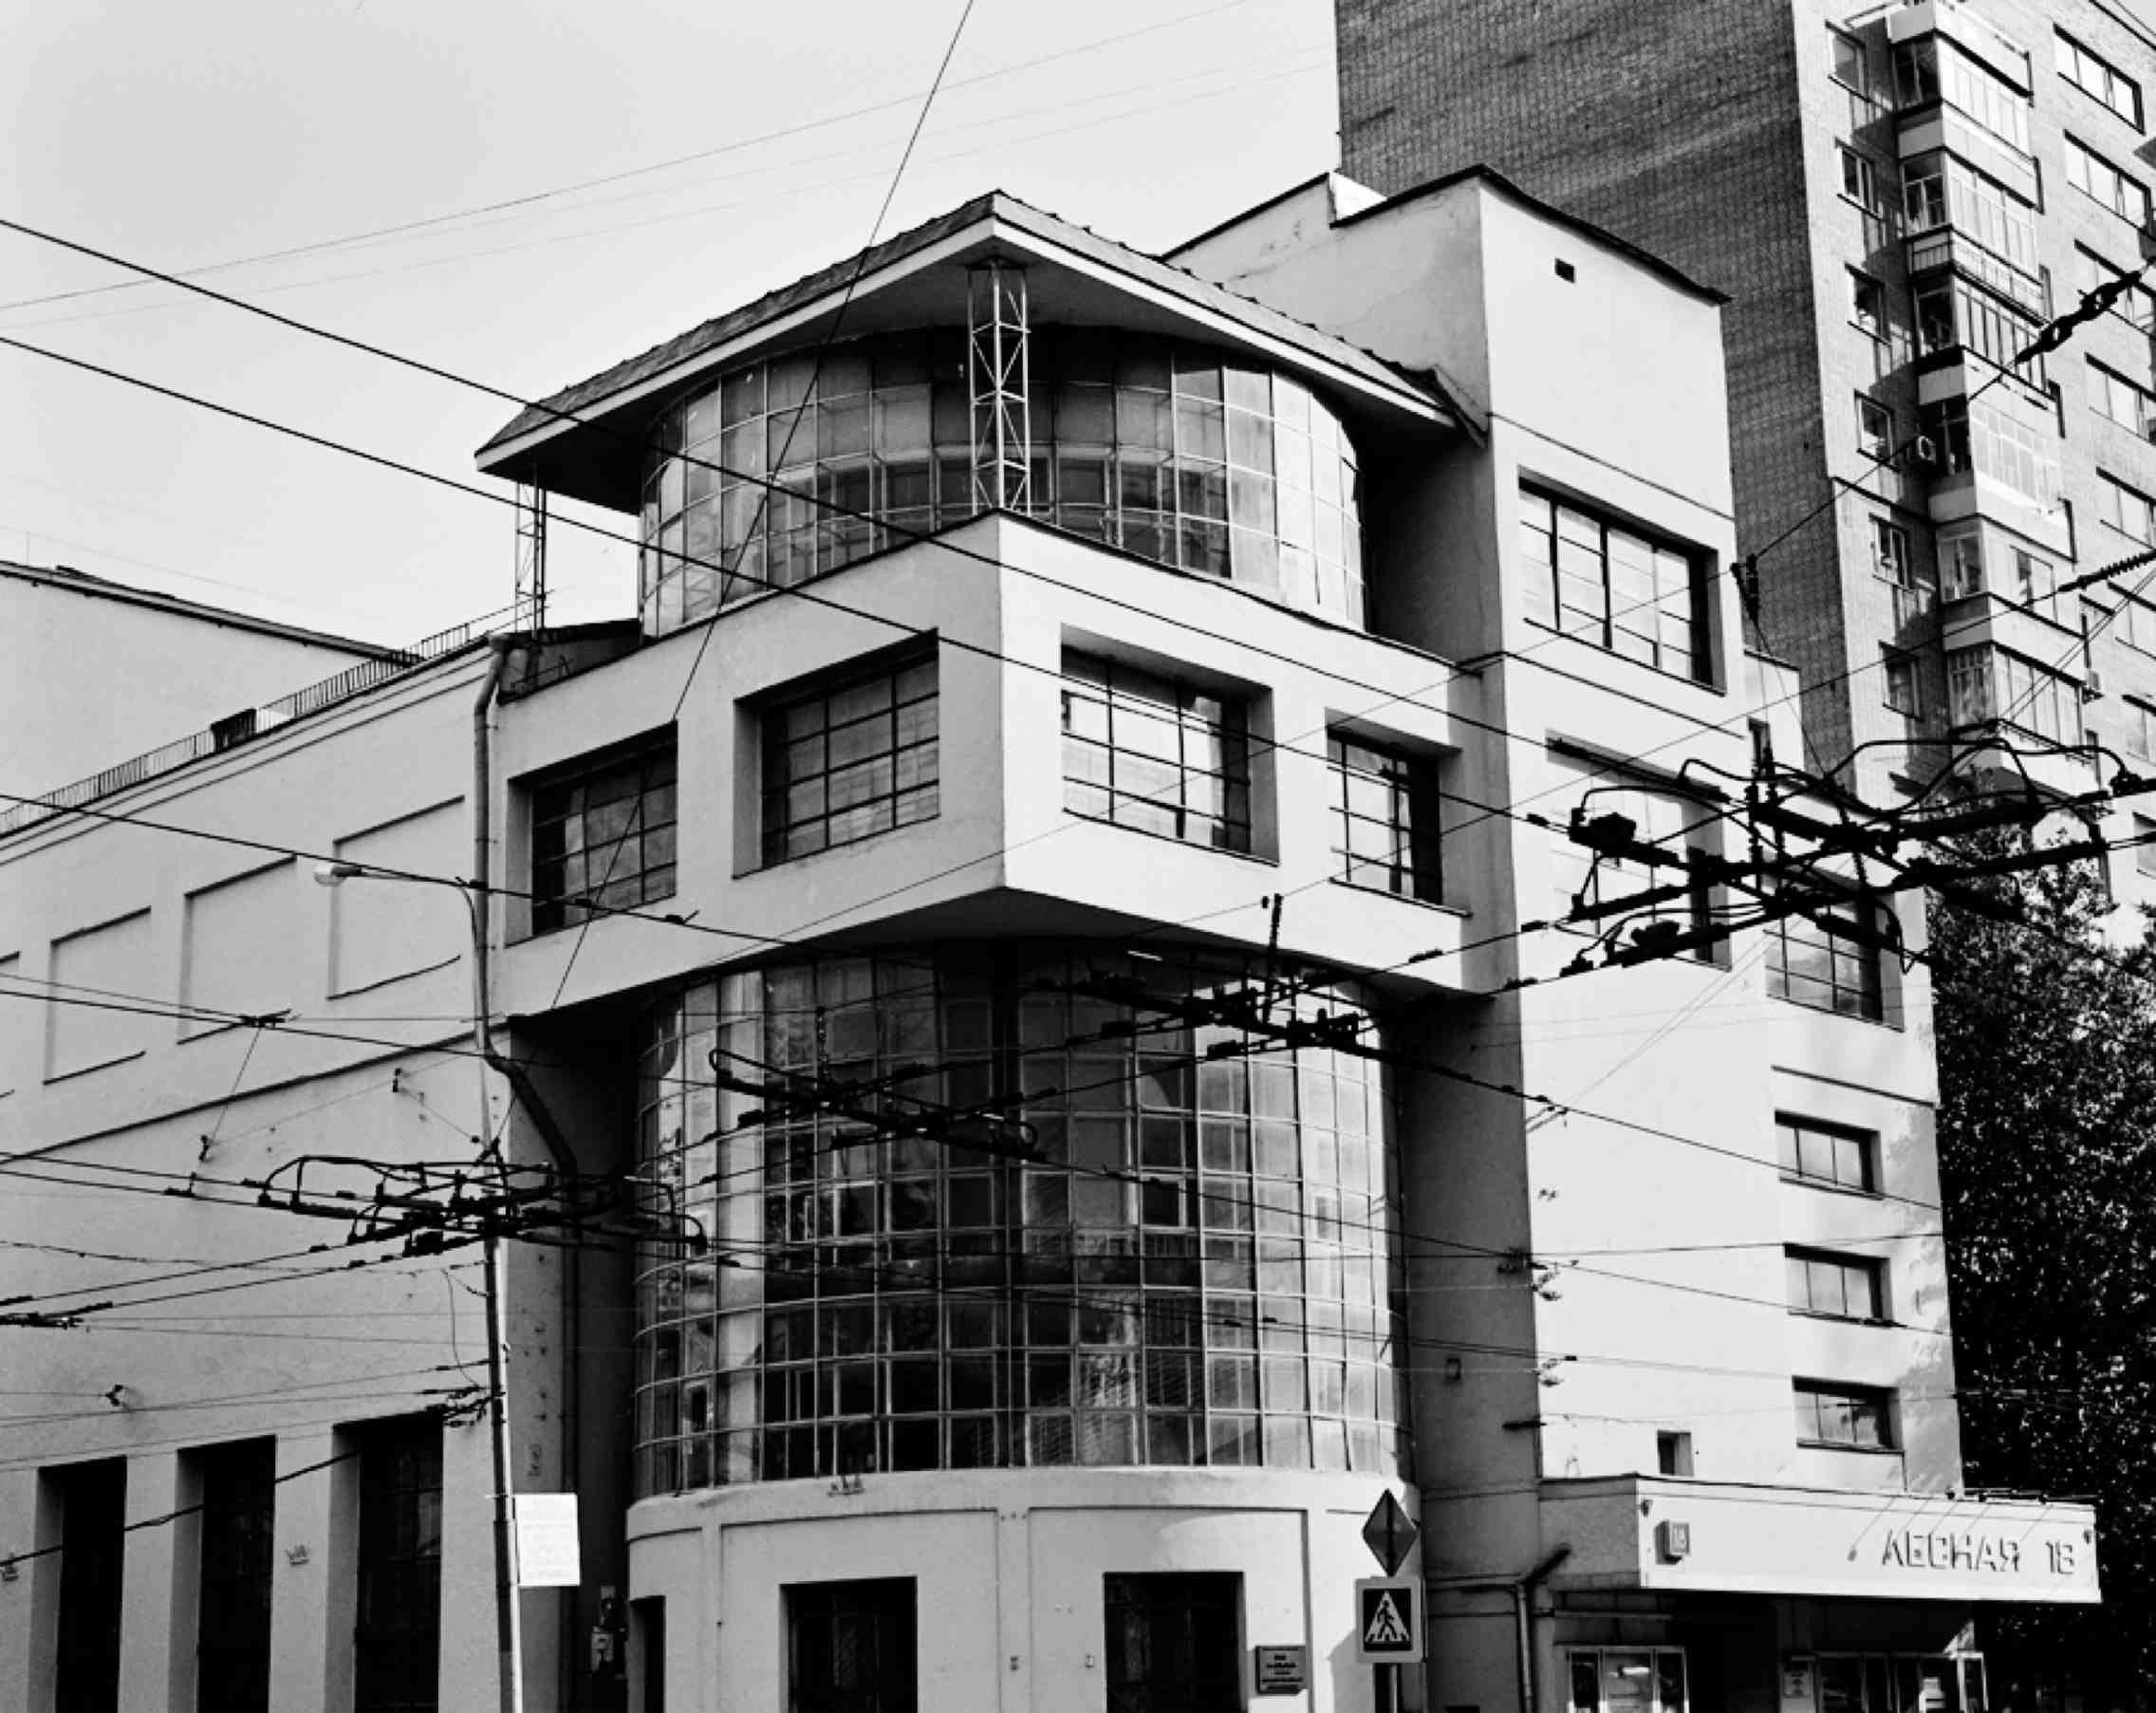 него картинки домов конструктивизм конструкции